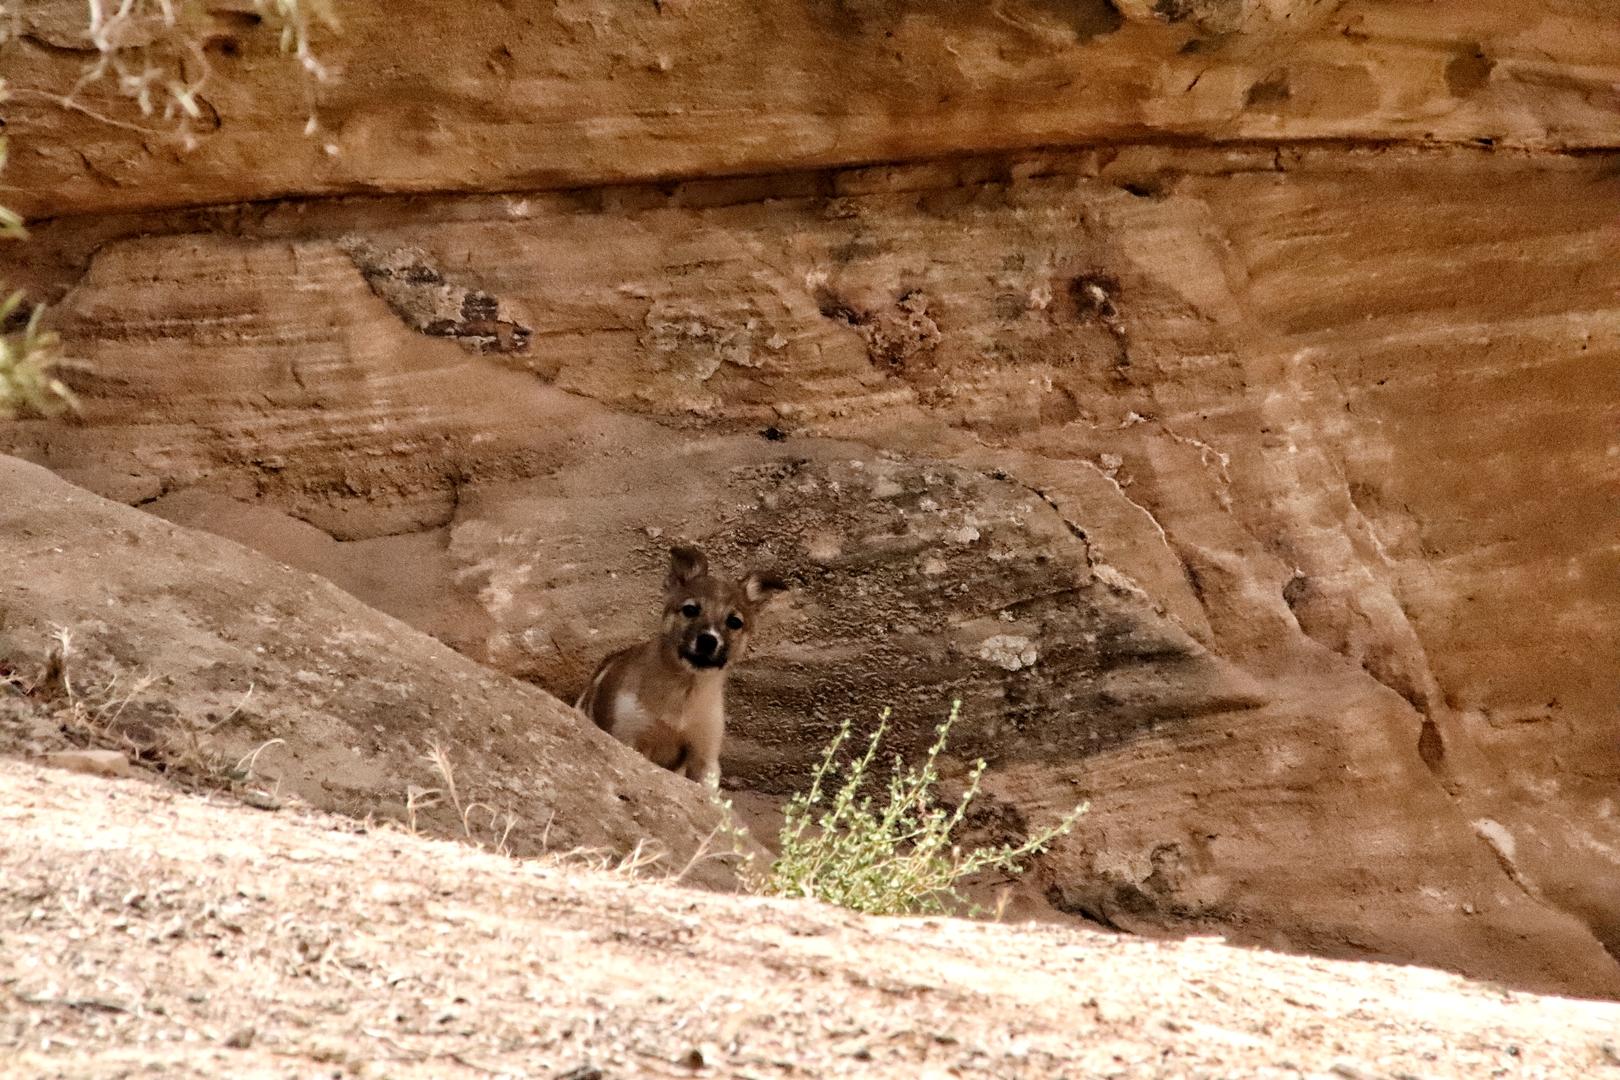 Jordanie - Rencontre avec des louveteaux dans la réserve de Dana